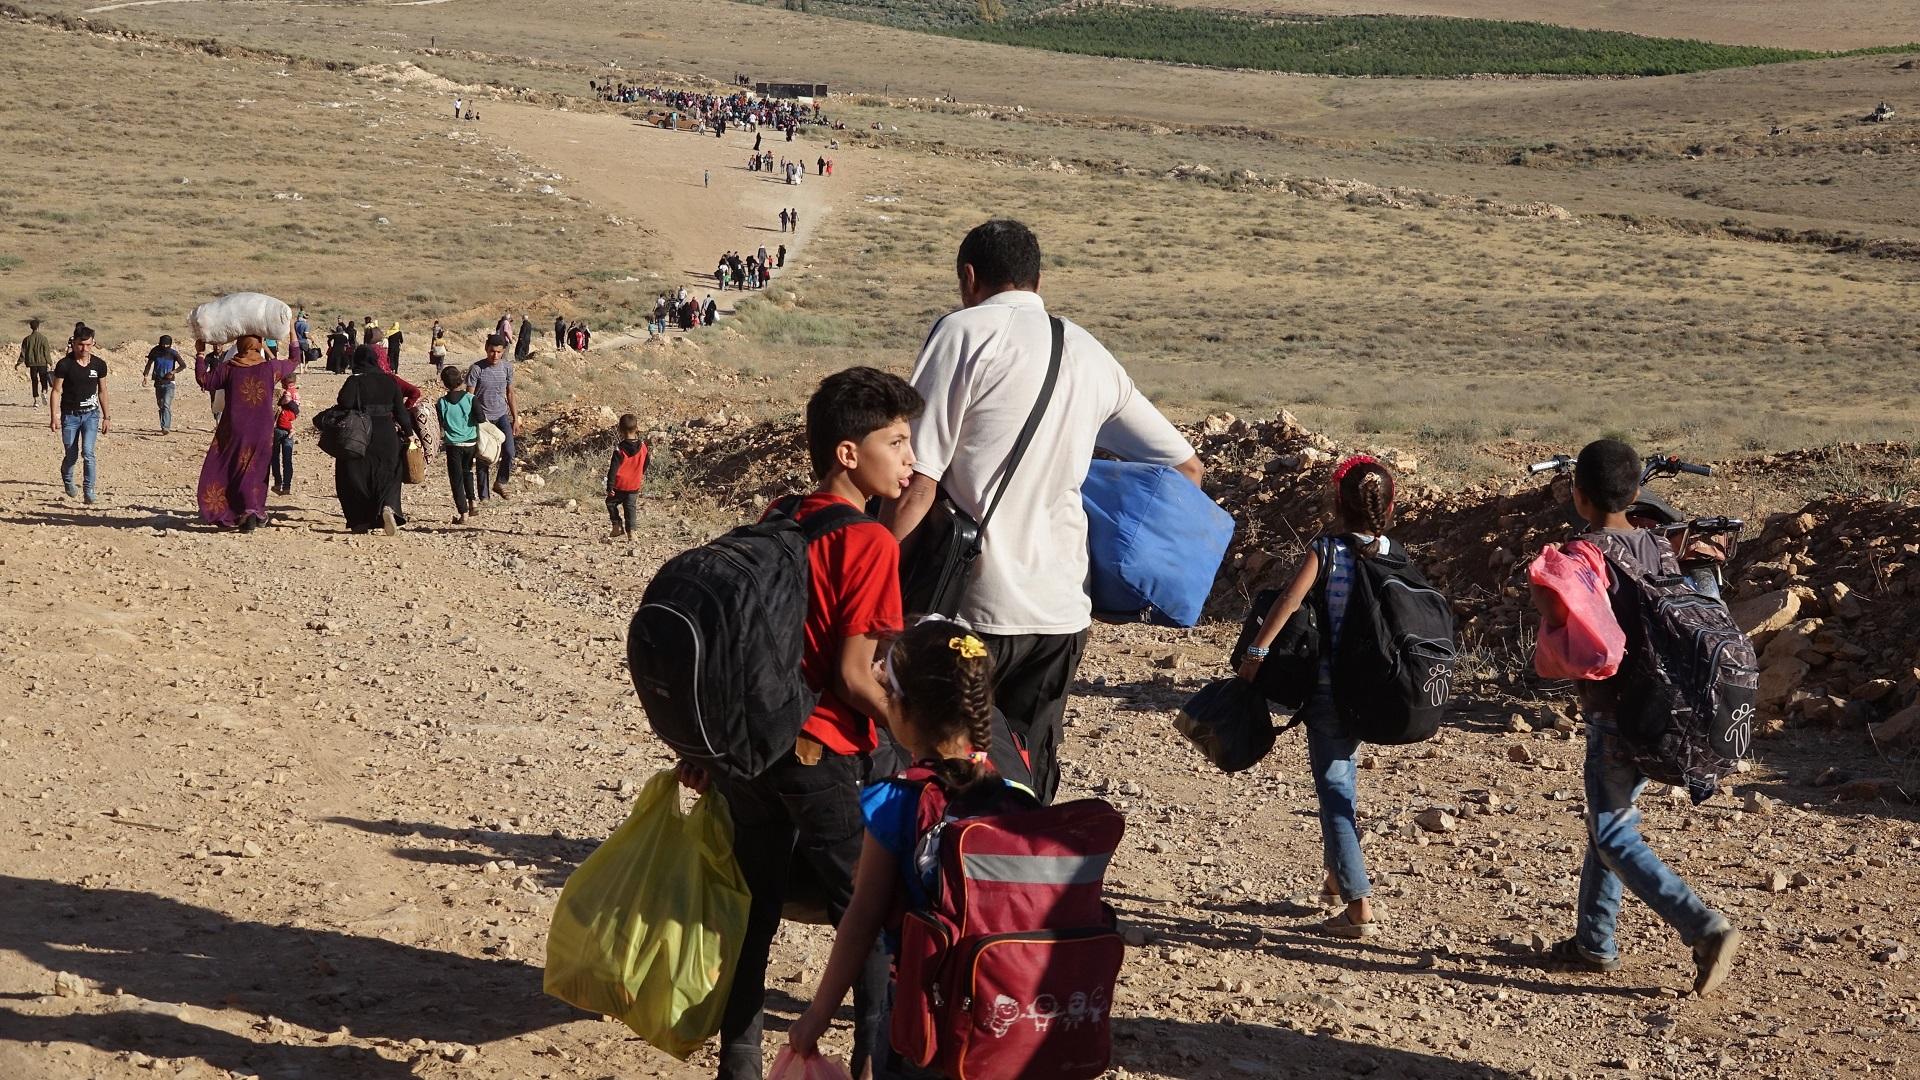 النازحين السوريين الحدود الأردنية يعودون image.php?token=0343df1ae0fbc76aaaf554de3ff193f9&size=